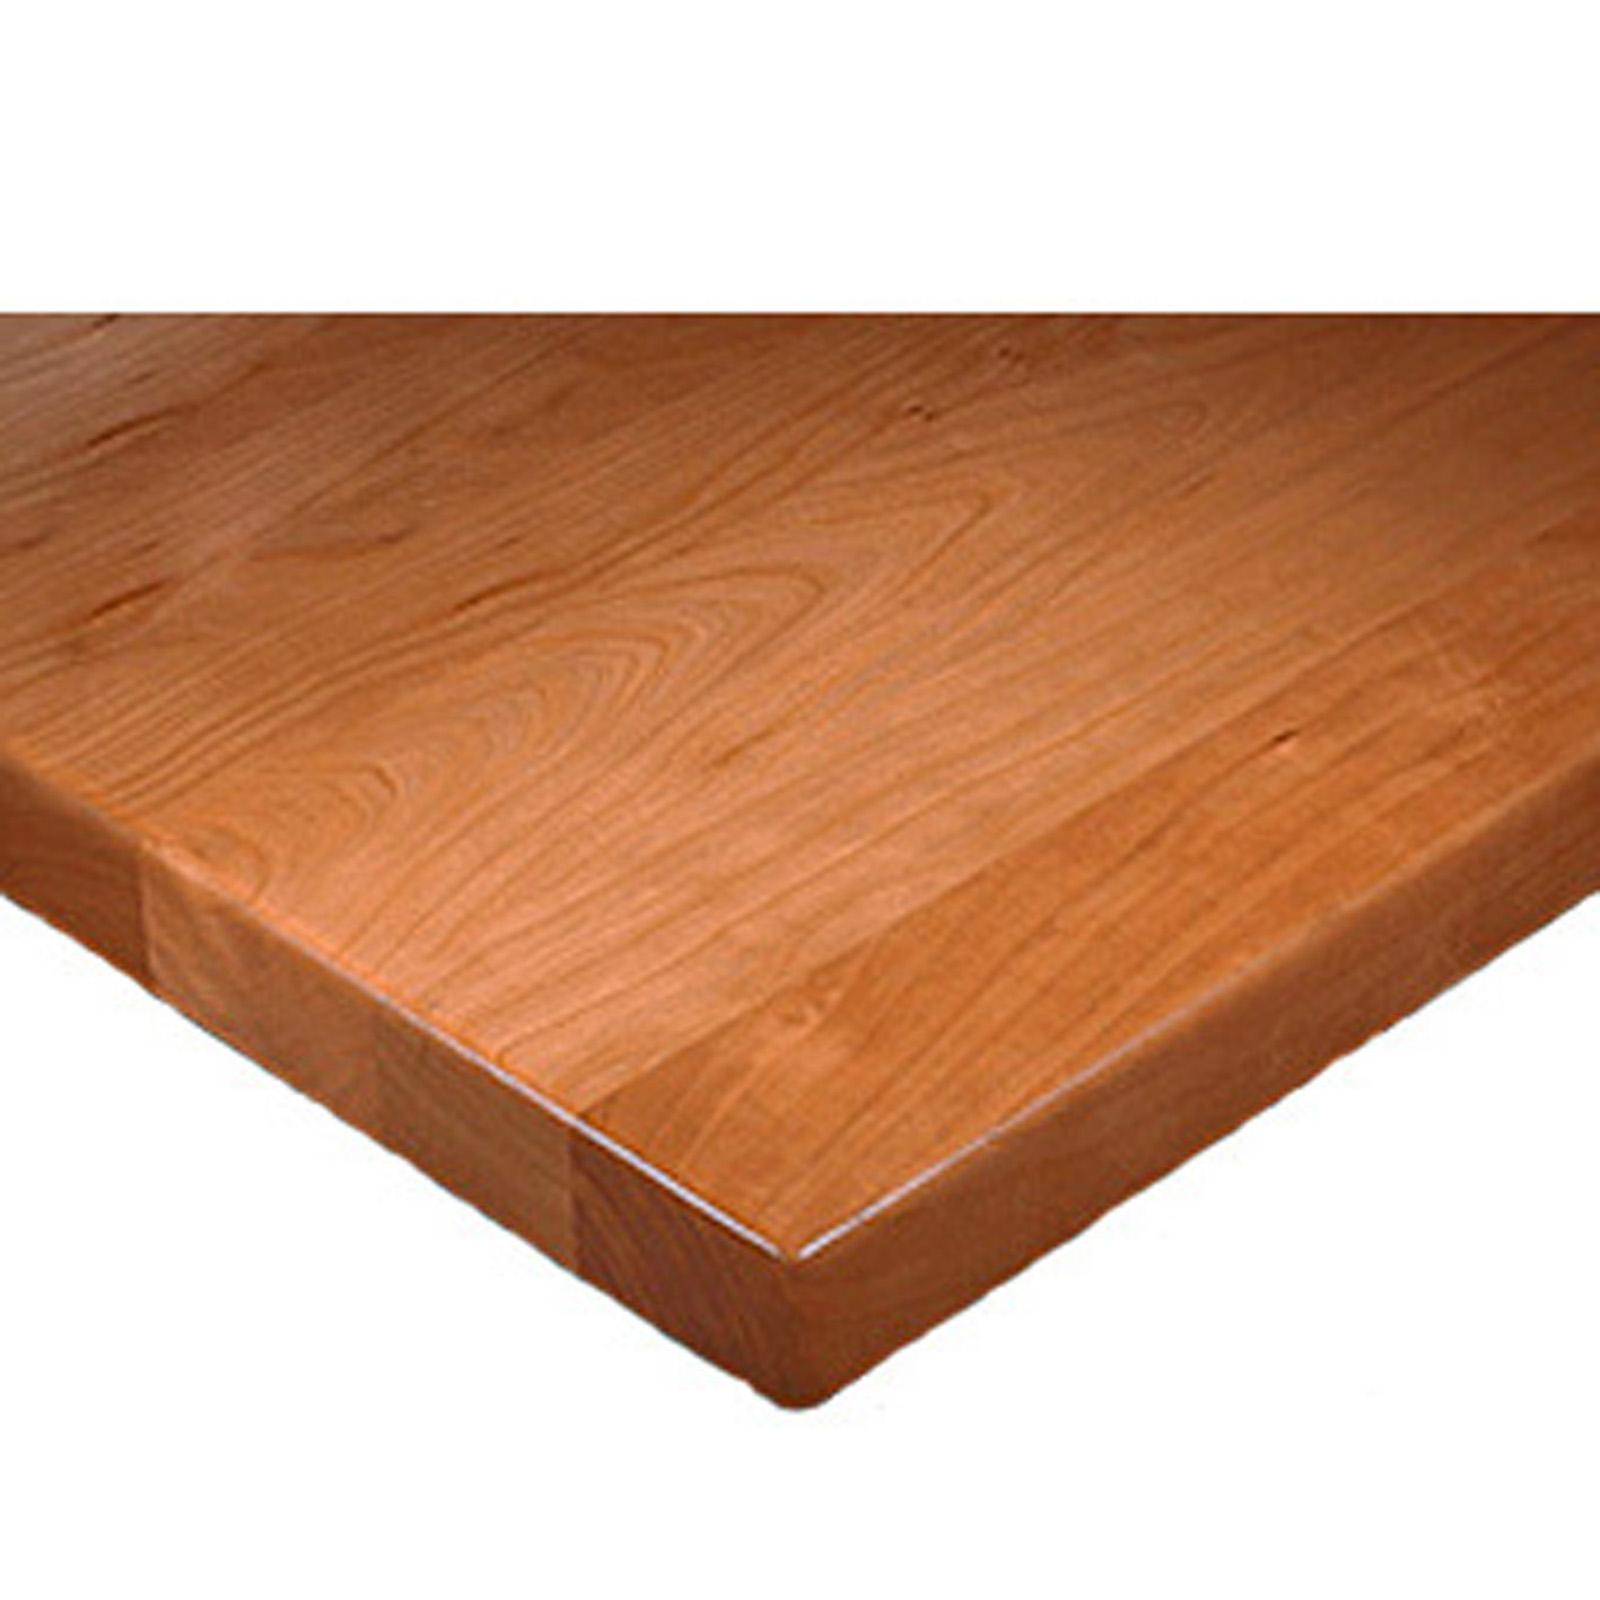 Oak Street PEO36R table top, wood